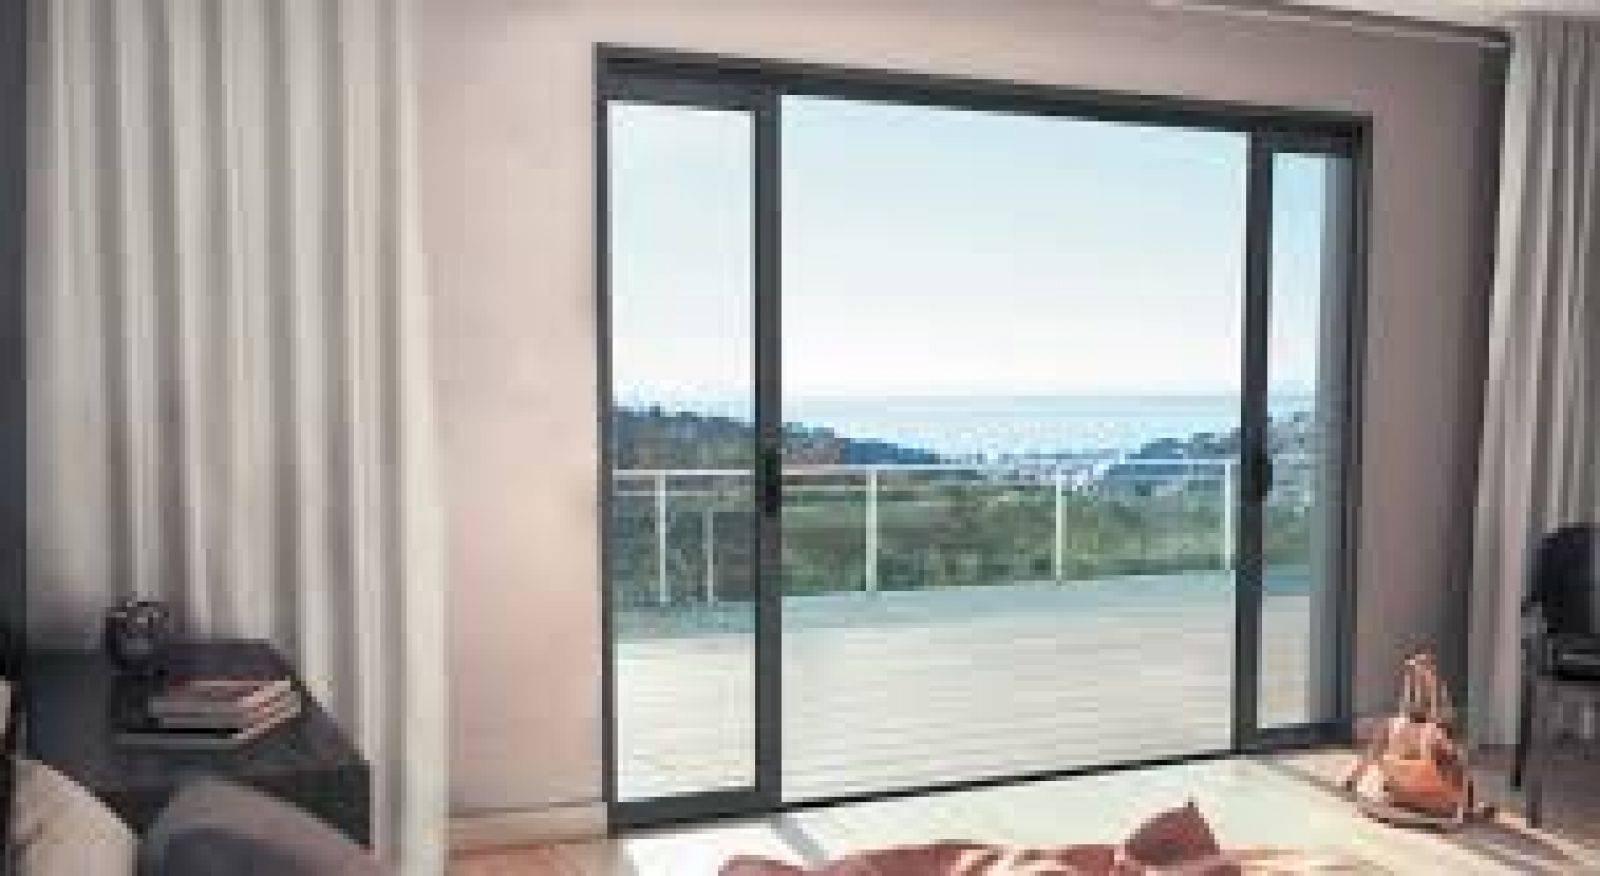 menuiserie alu ou pvc marseille comment bien choisir ses fen tres marseille grand sud habitat. Black Bedroom Furniture Sets. Home Design Ideas